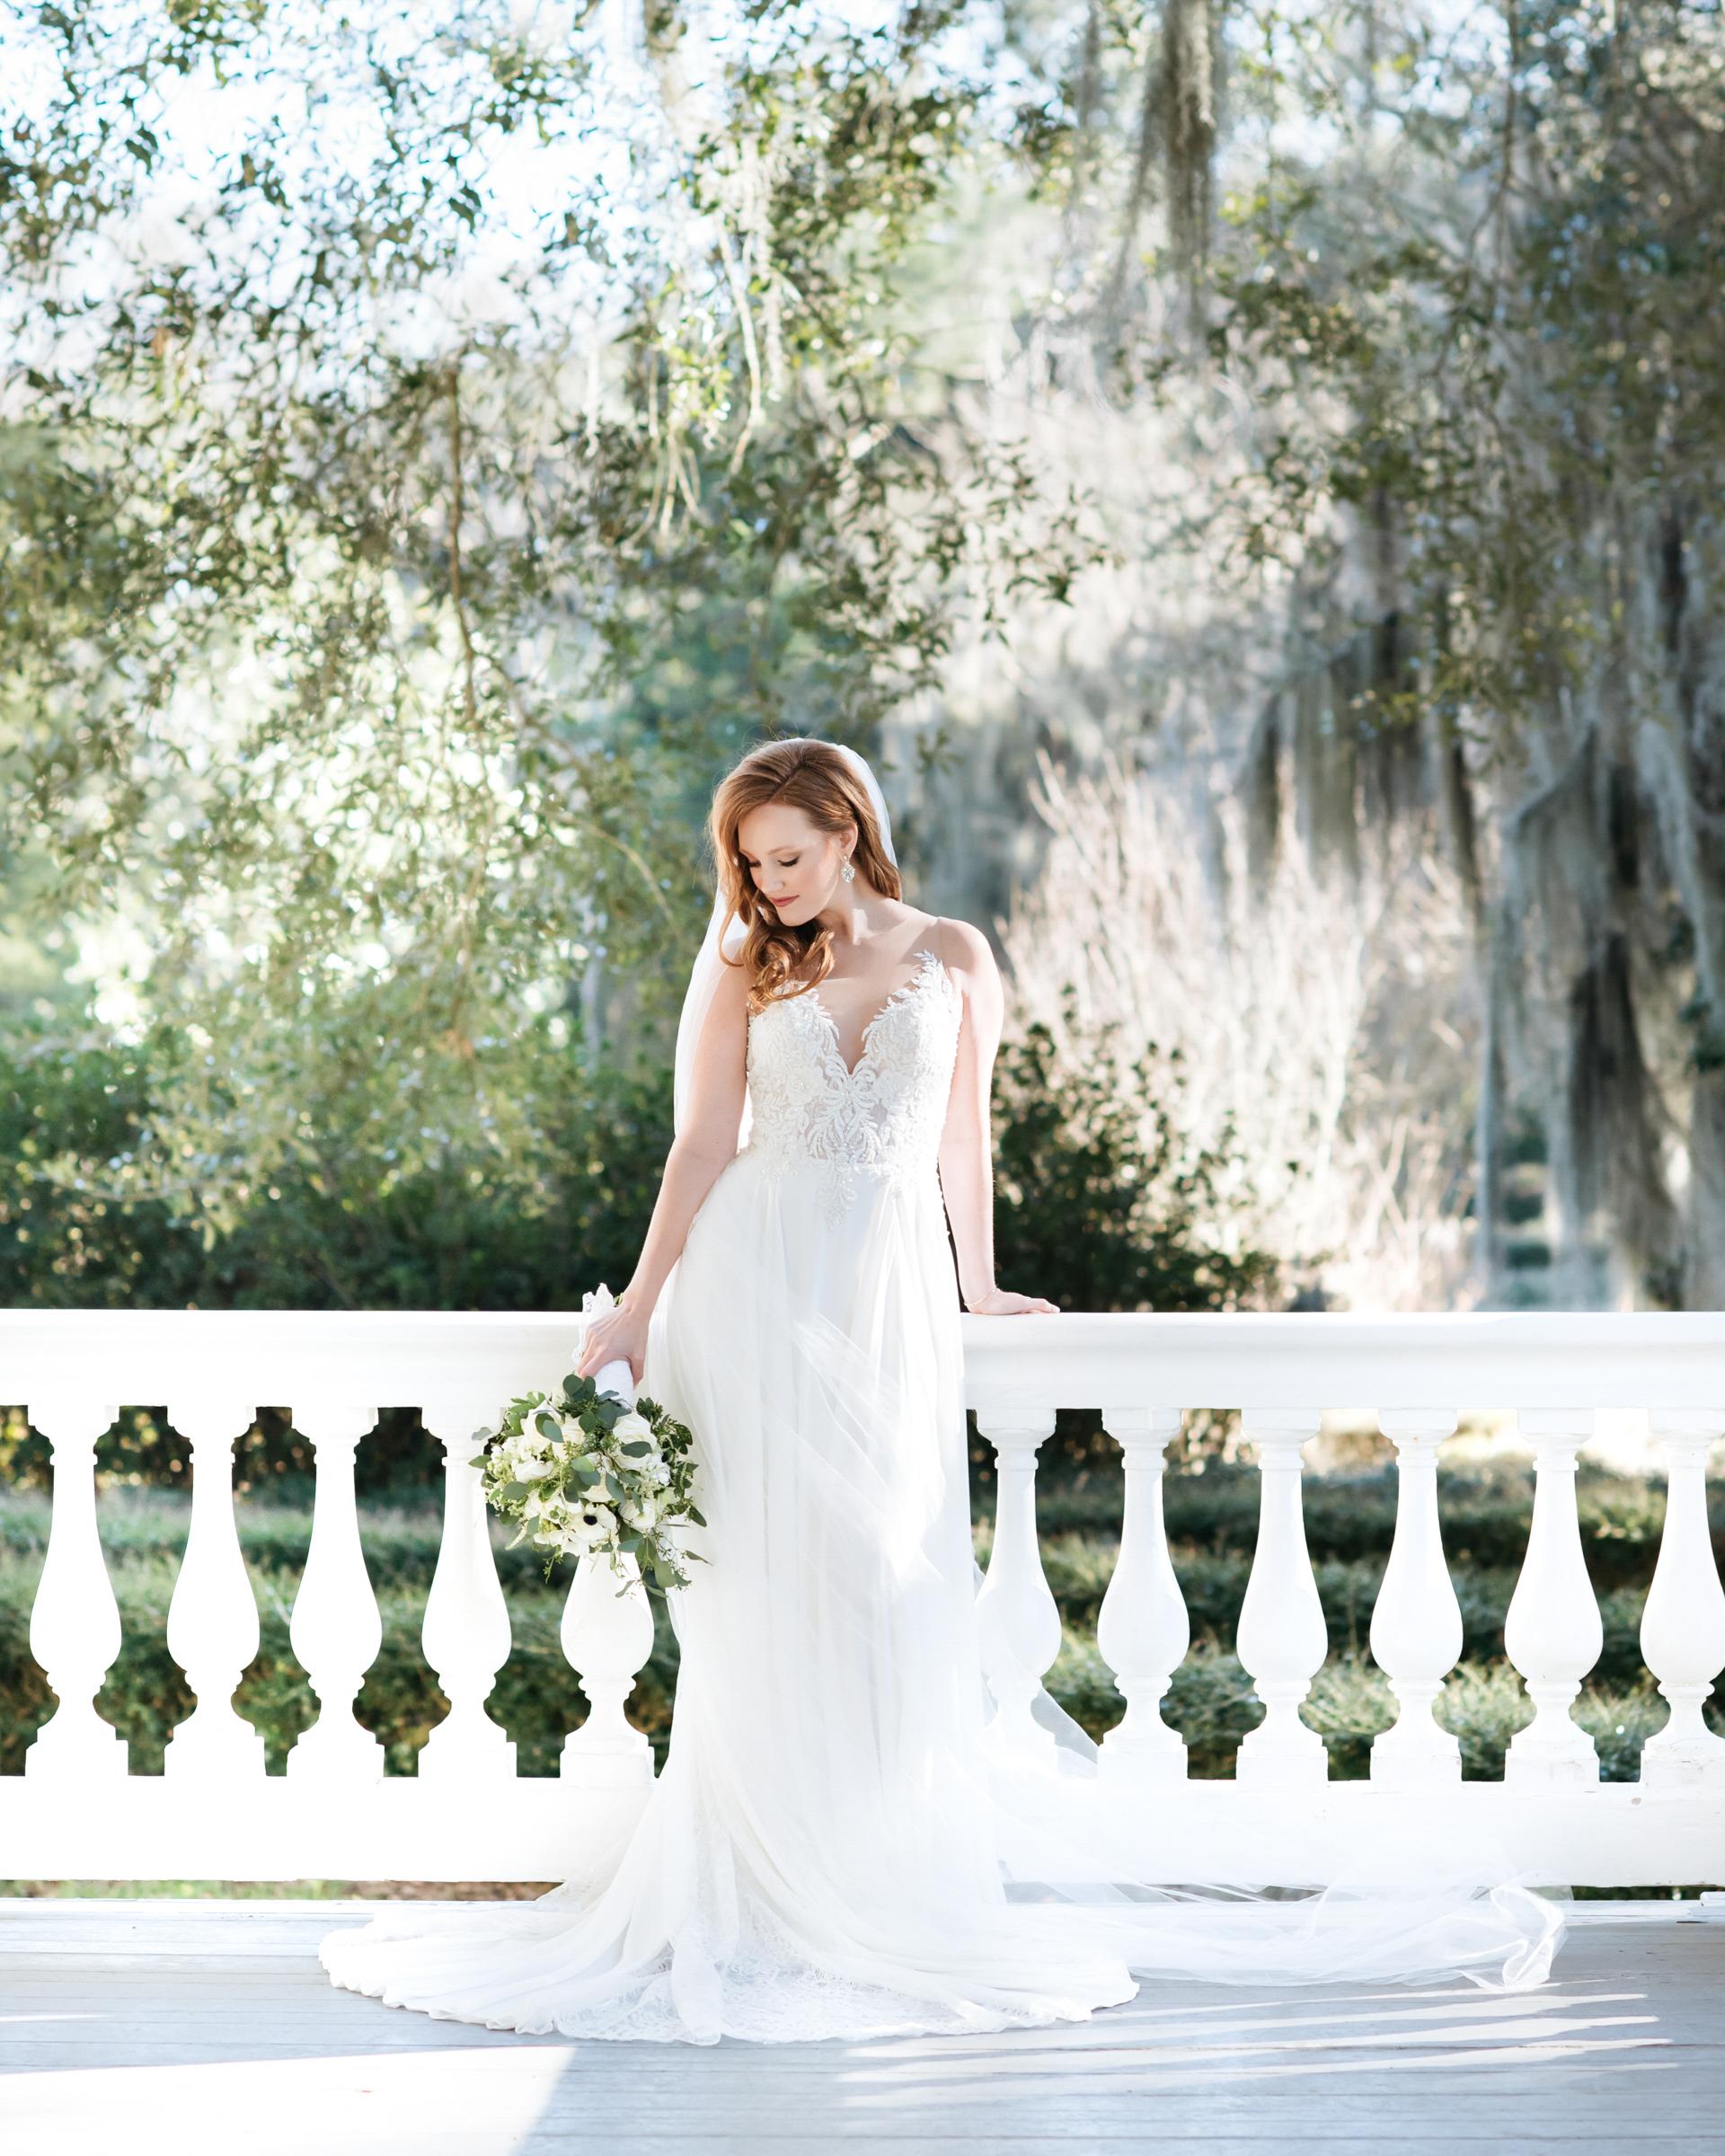 rosedown-plantation-bridal-session-portrait-